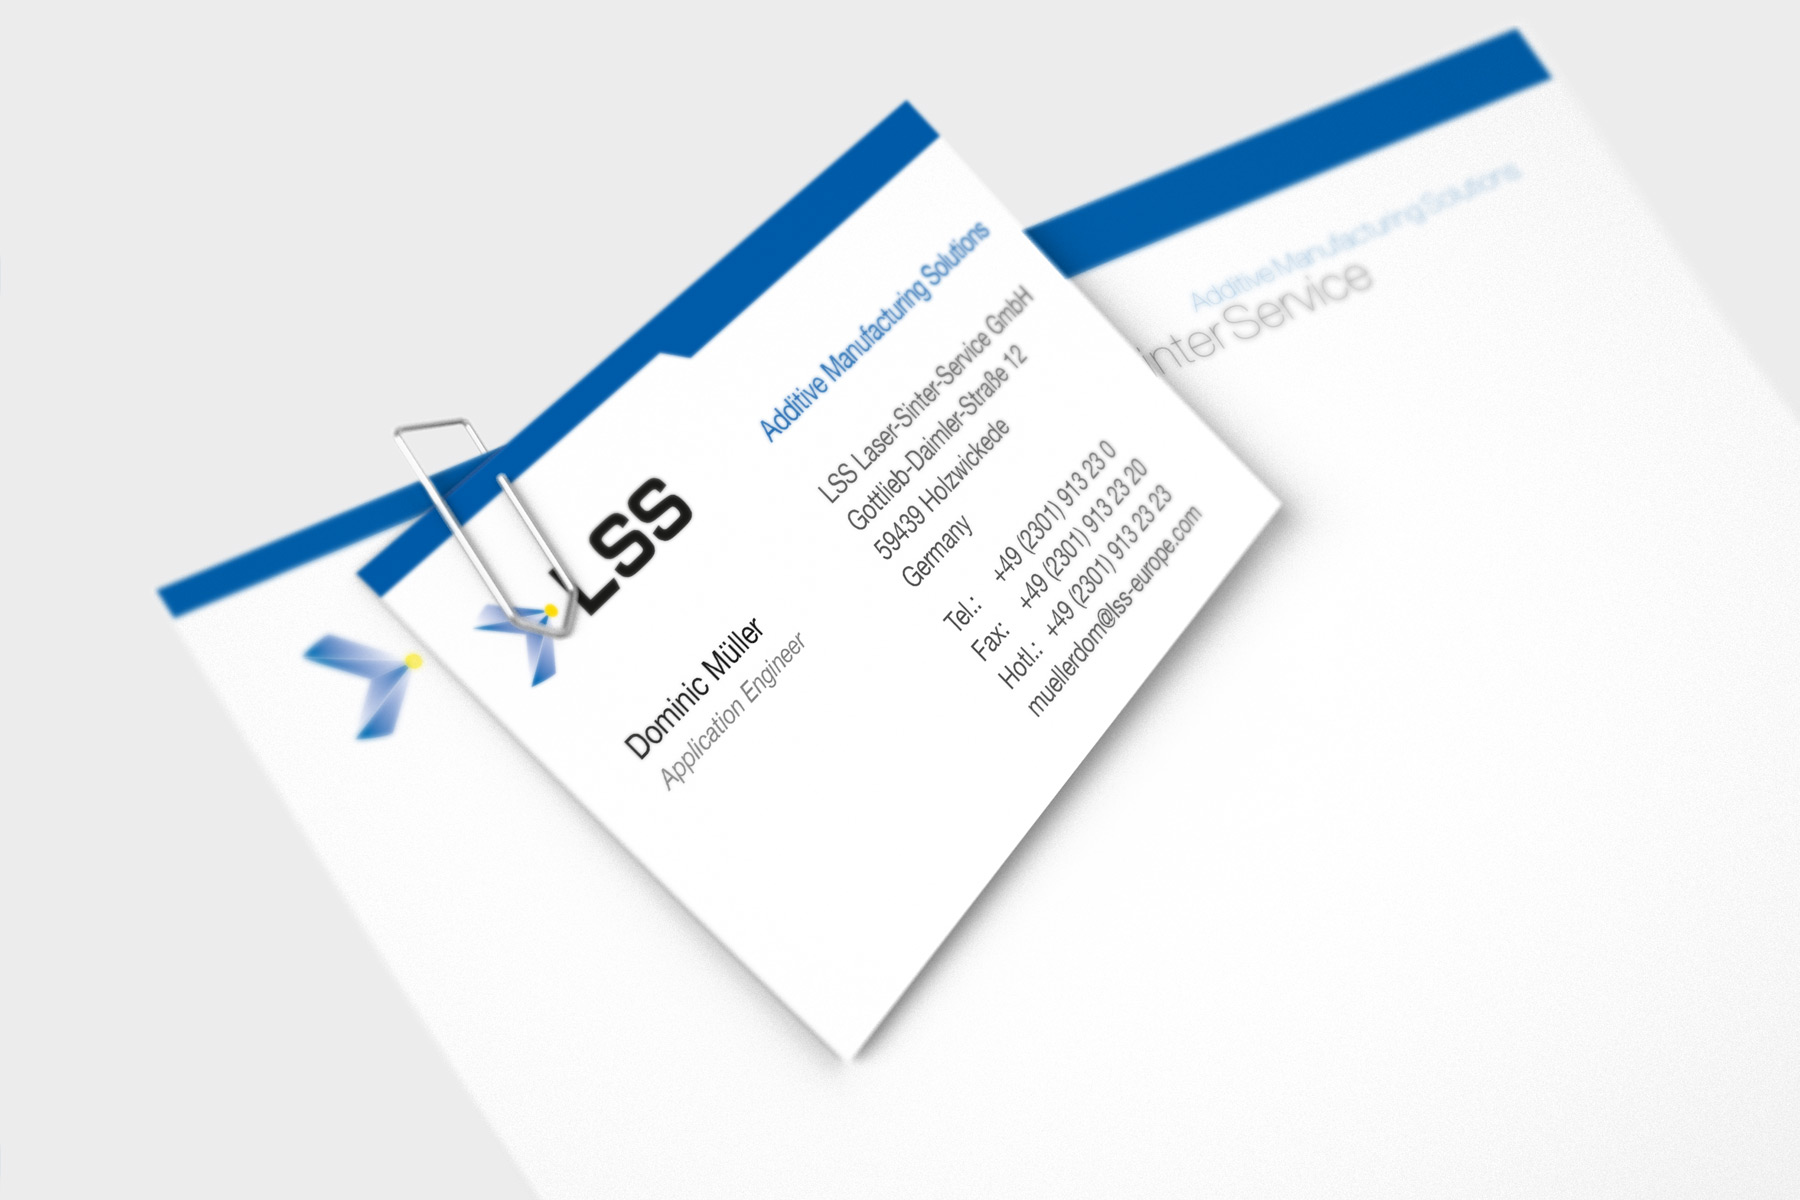 tooldesign-web-lss-briefbogen-visitenkarten-1